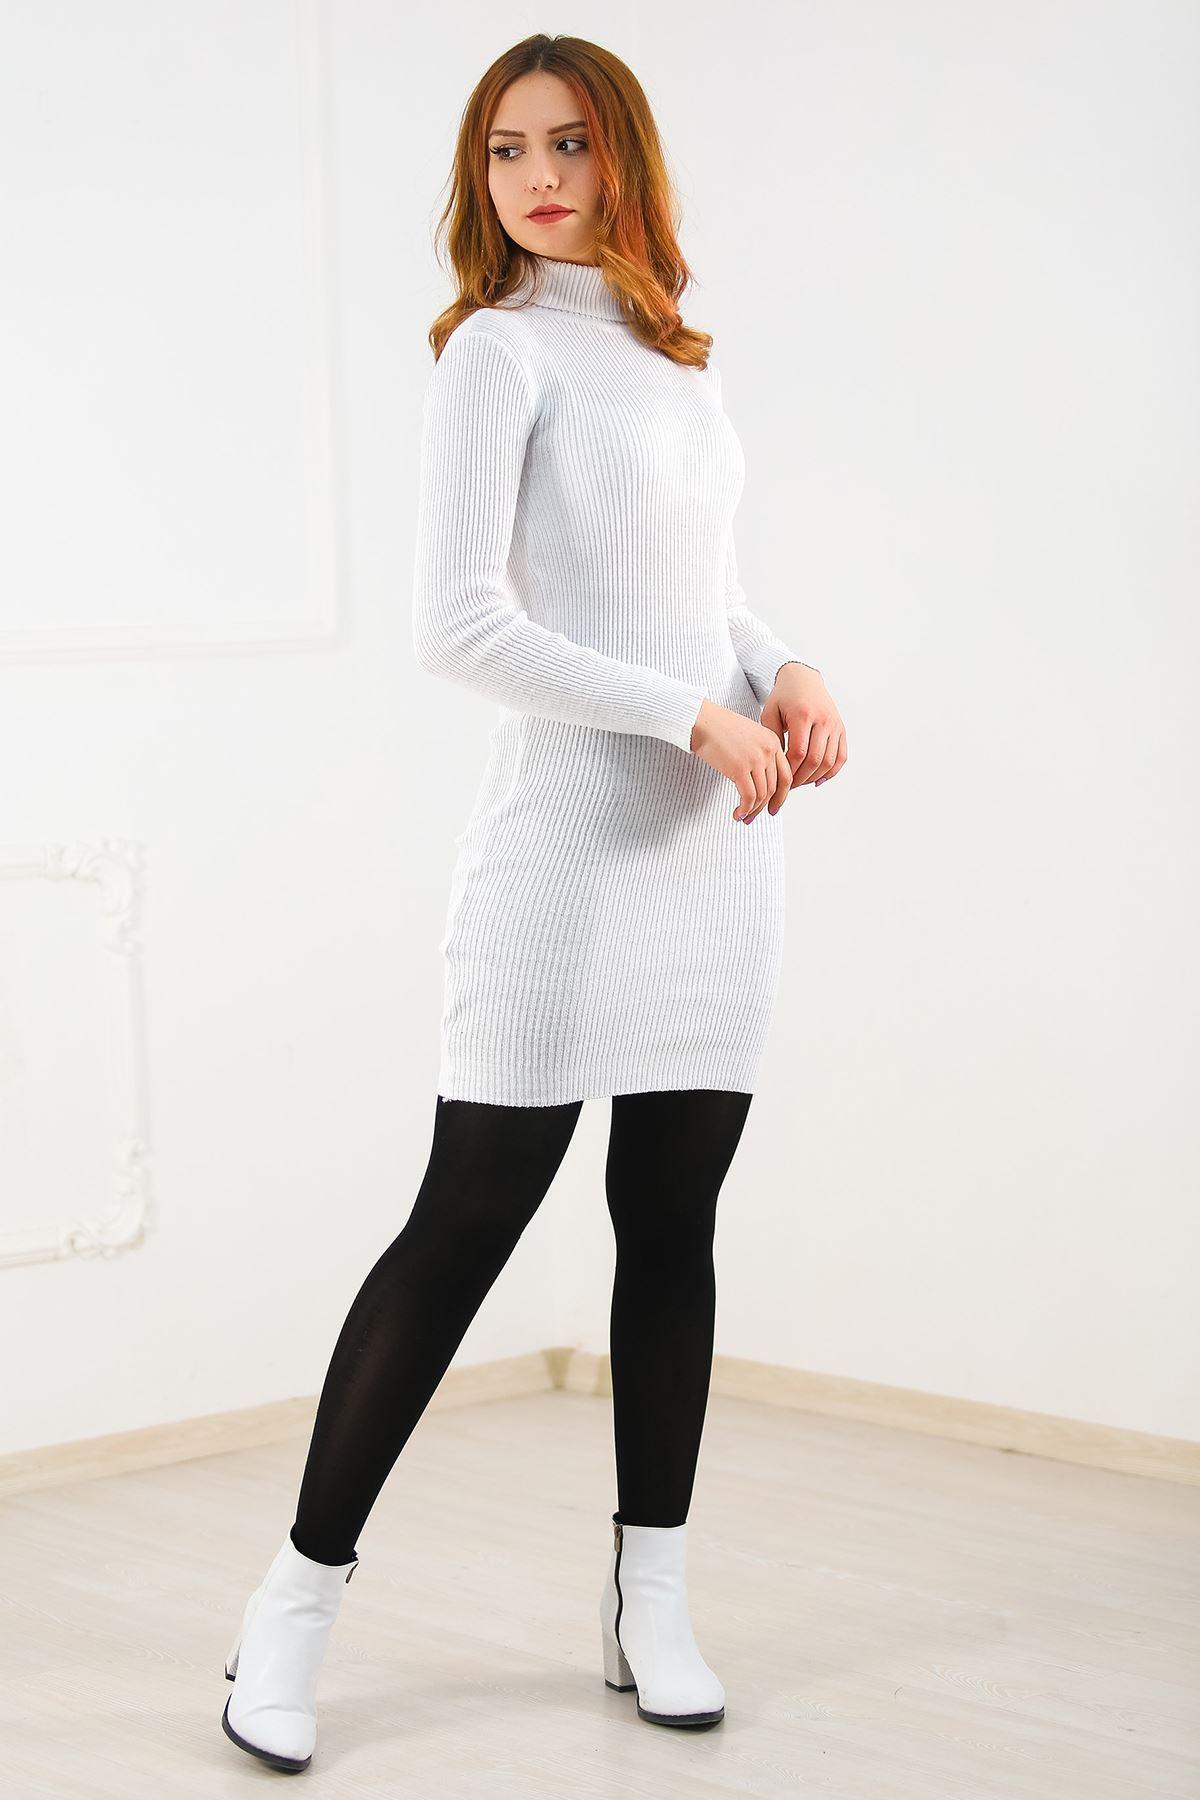 Balıkçı Triko Elbise Beyaz - 4638.1319.